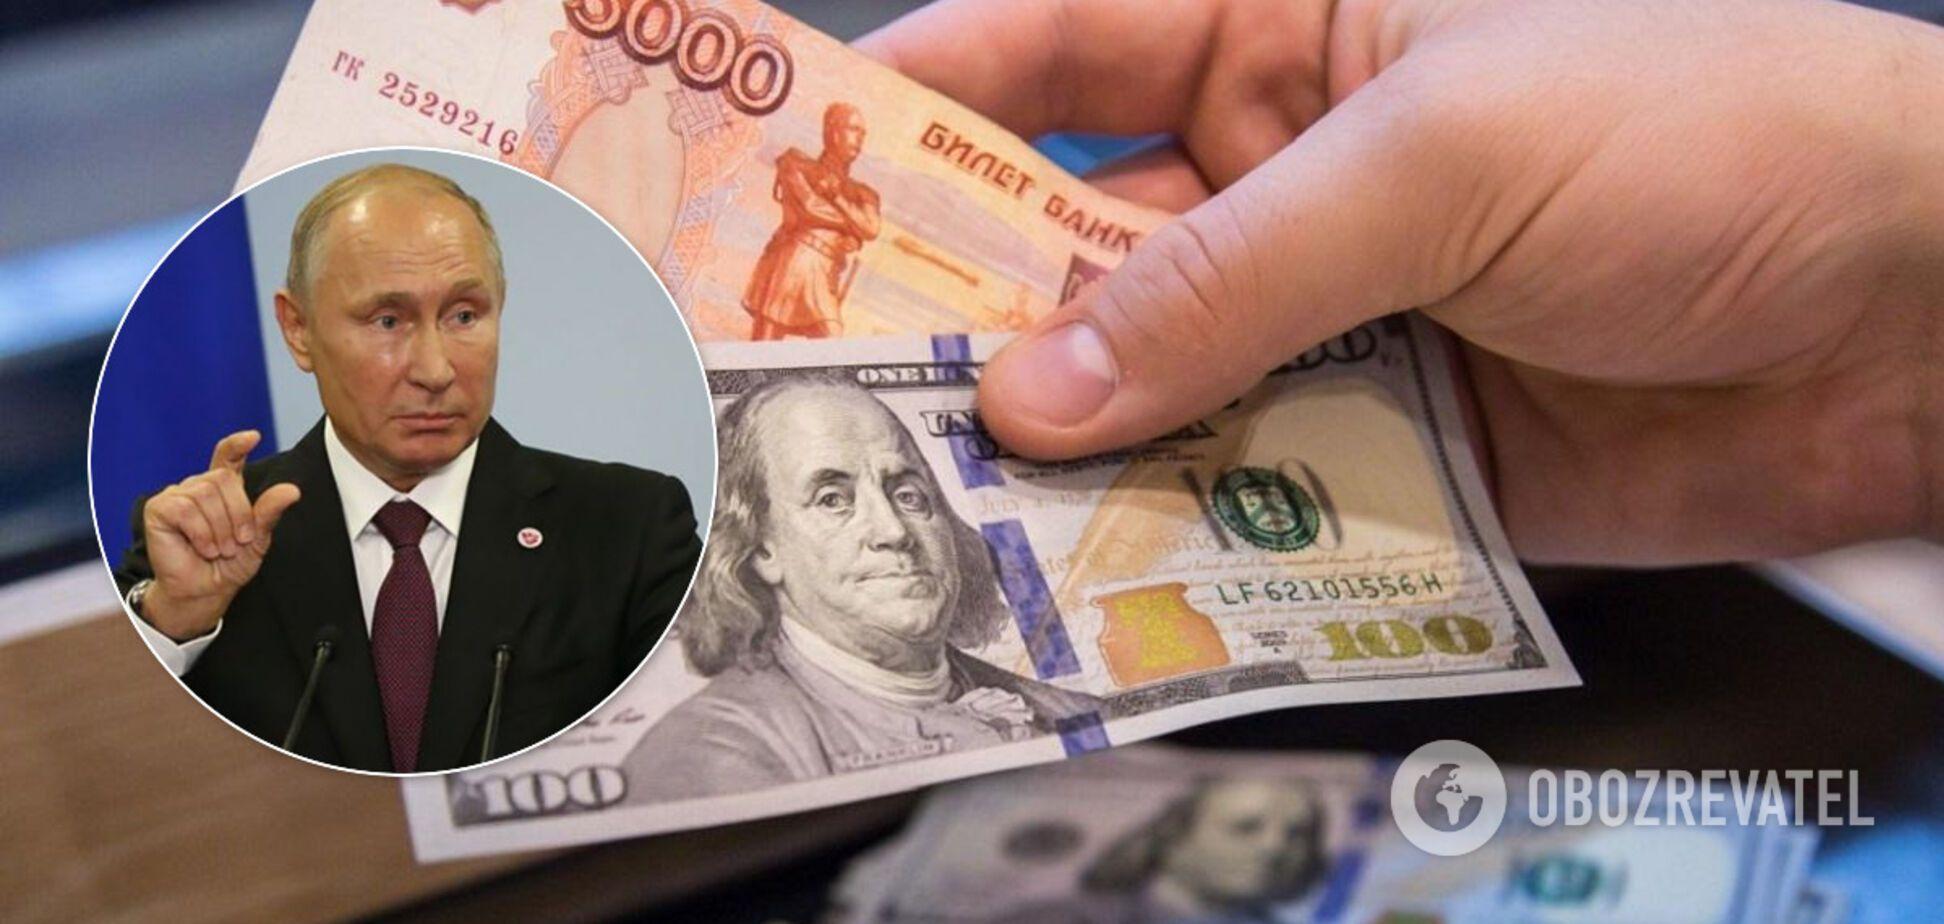 Путин предложил 'спасти' россиян еще одним налогом: в сети высмеяли